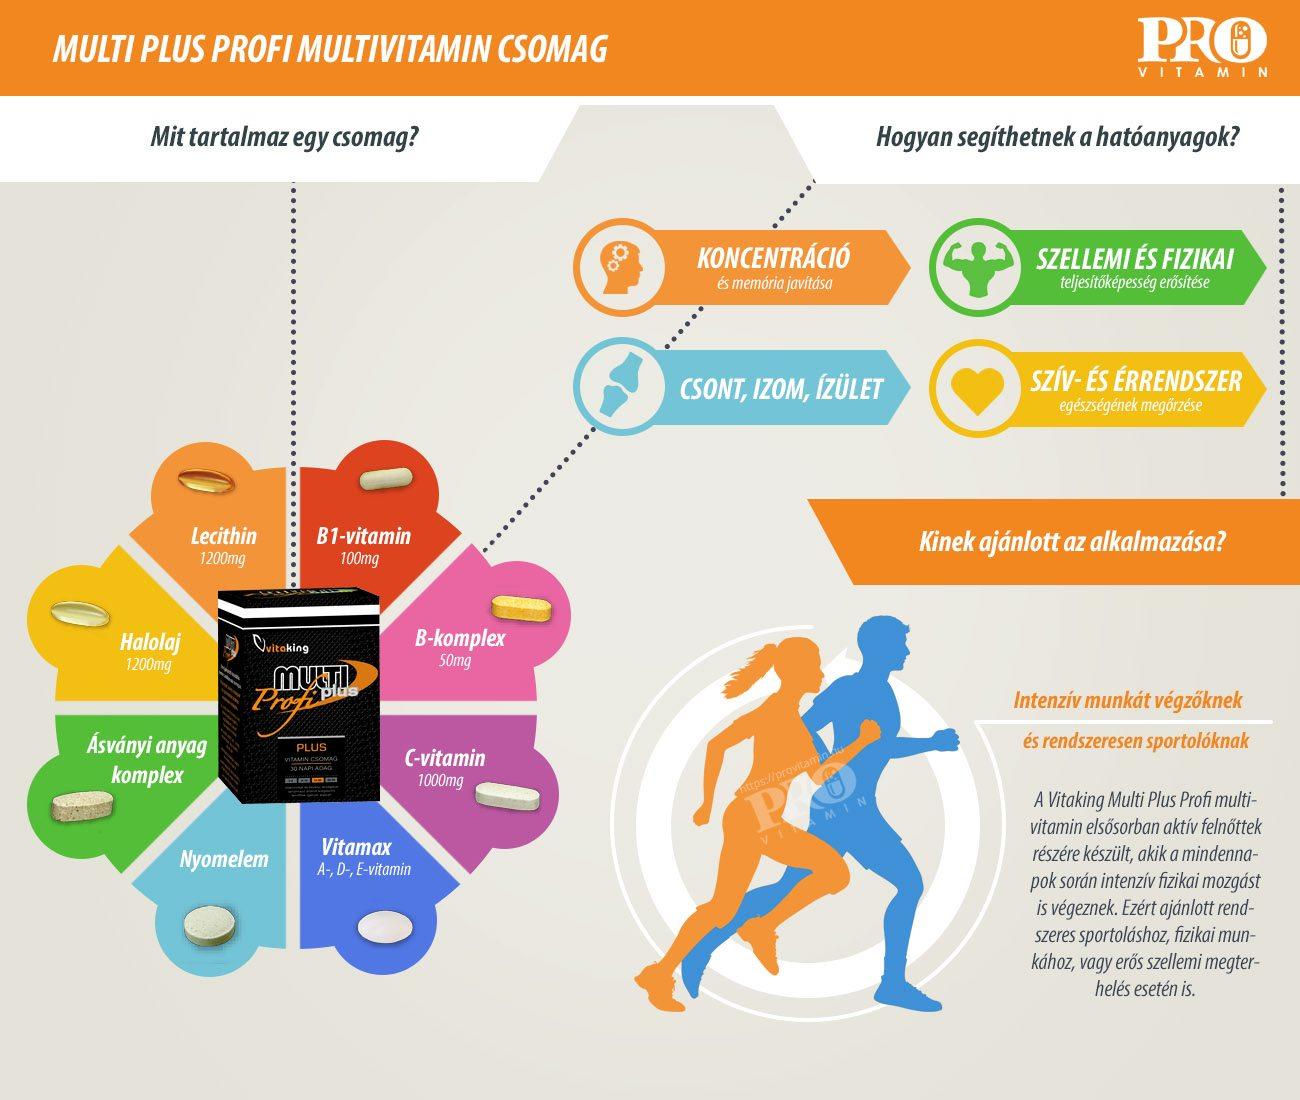 Vitaking Multi Plus Profi termékismertető infografika